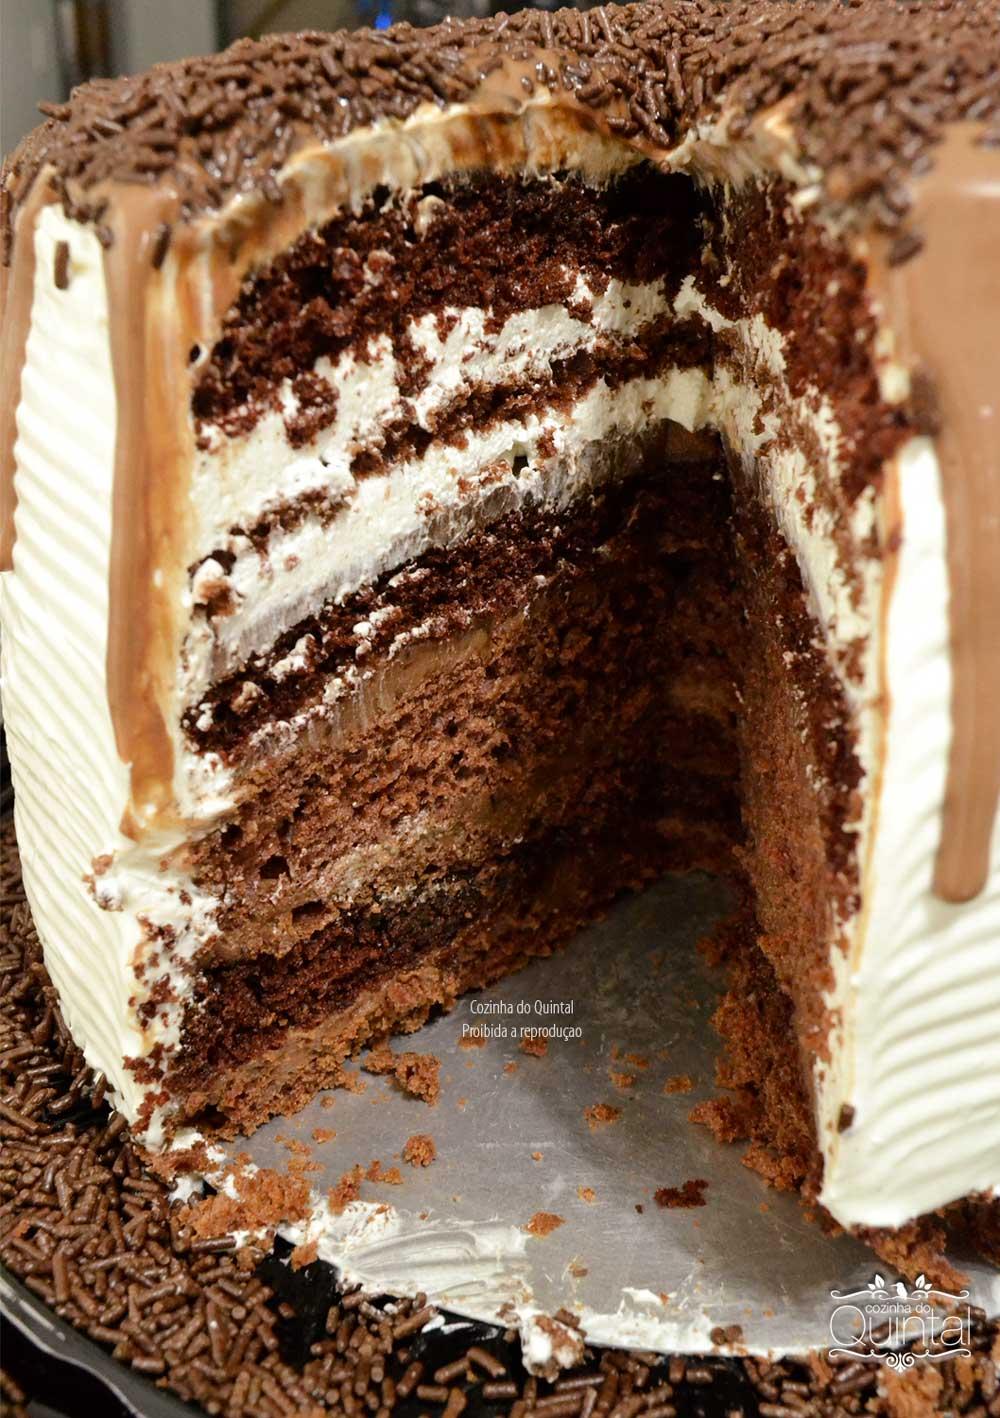 Nova Torre Alta Gourmet Galvanotek com Bolo 2 Chocolates na Cozinha do Quintal